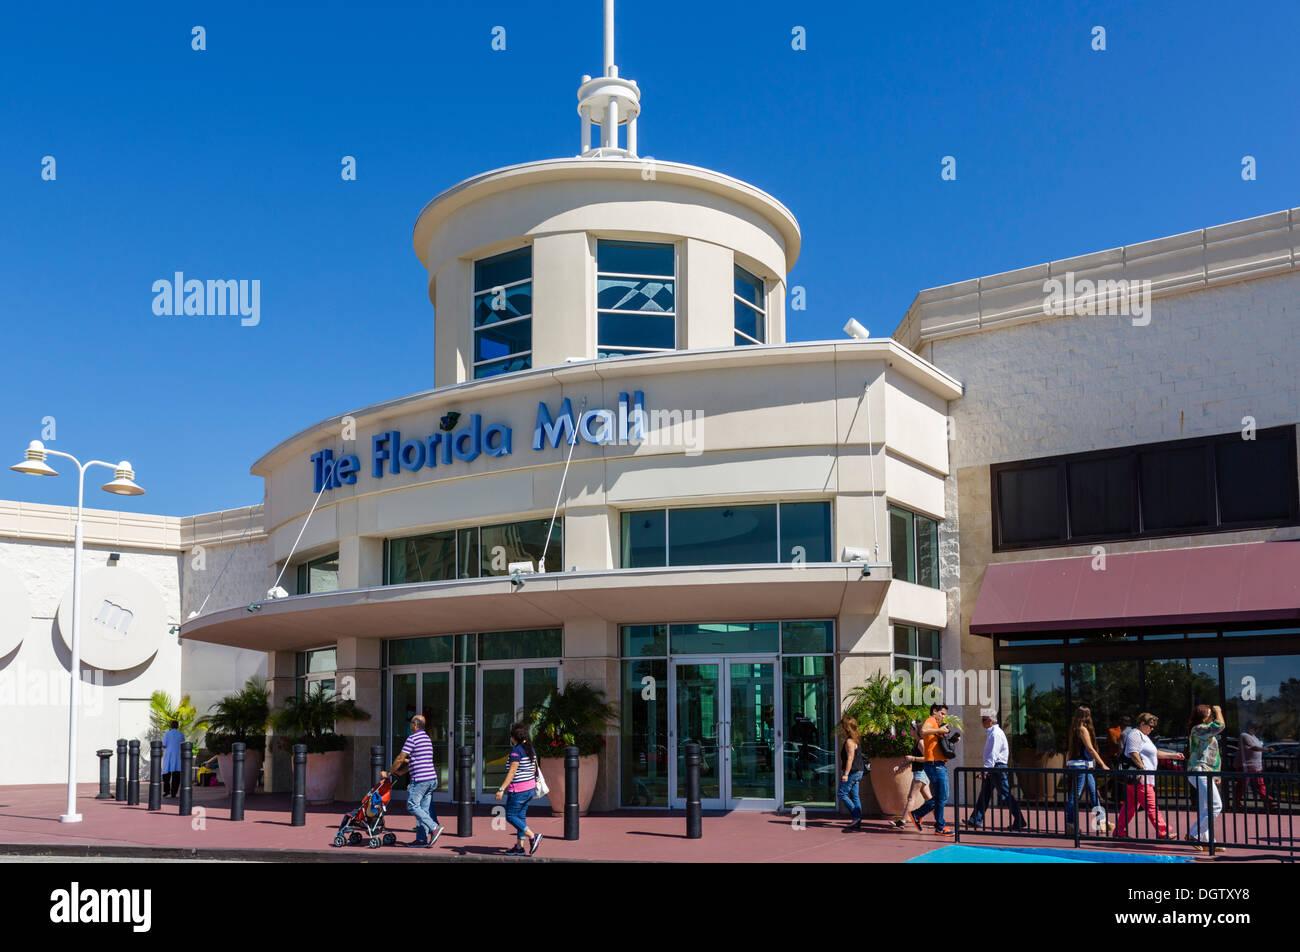 Entrance to The Florida Mall, Orlando, Central Florida, USA - Stock Image